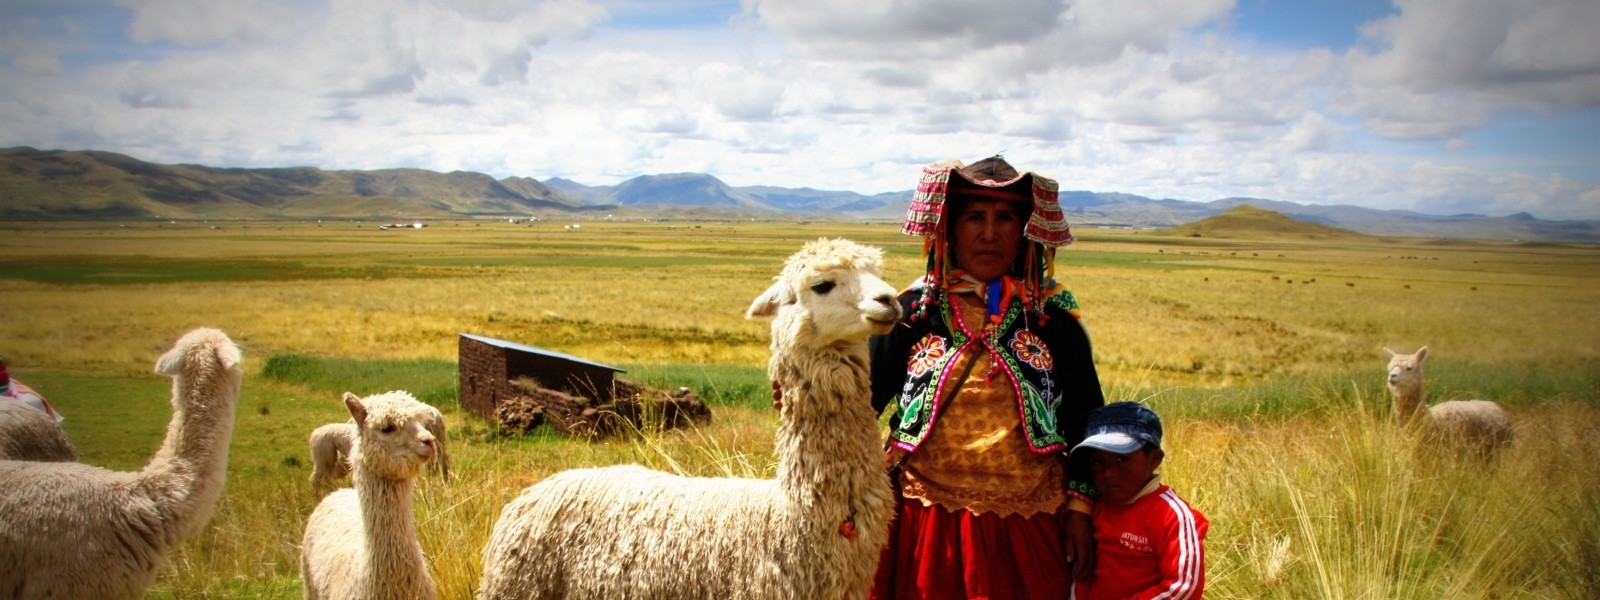 Engagez vous comme Volontaire Humanitaire au Pérou !